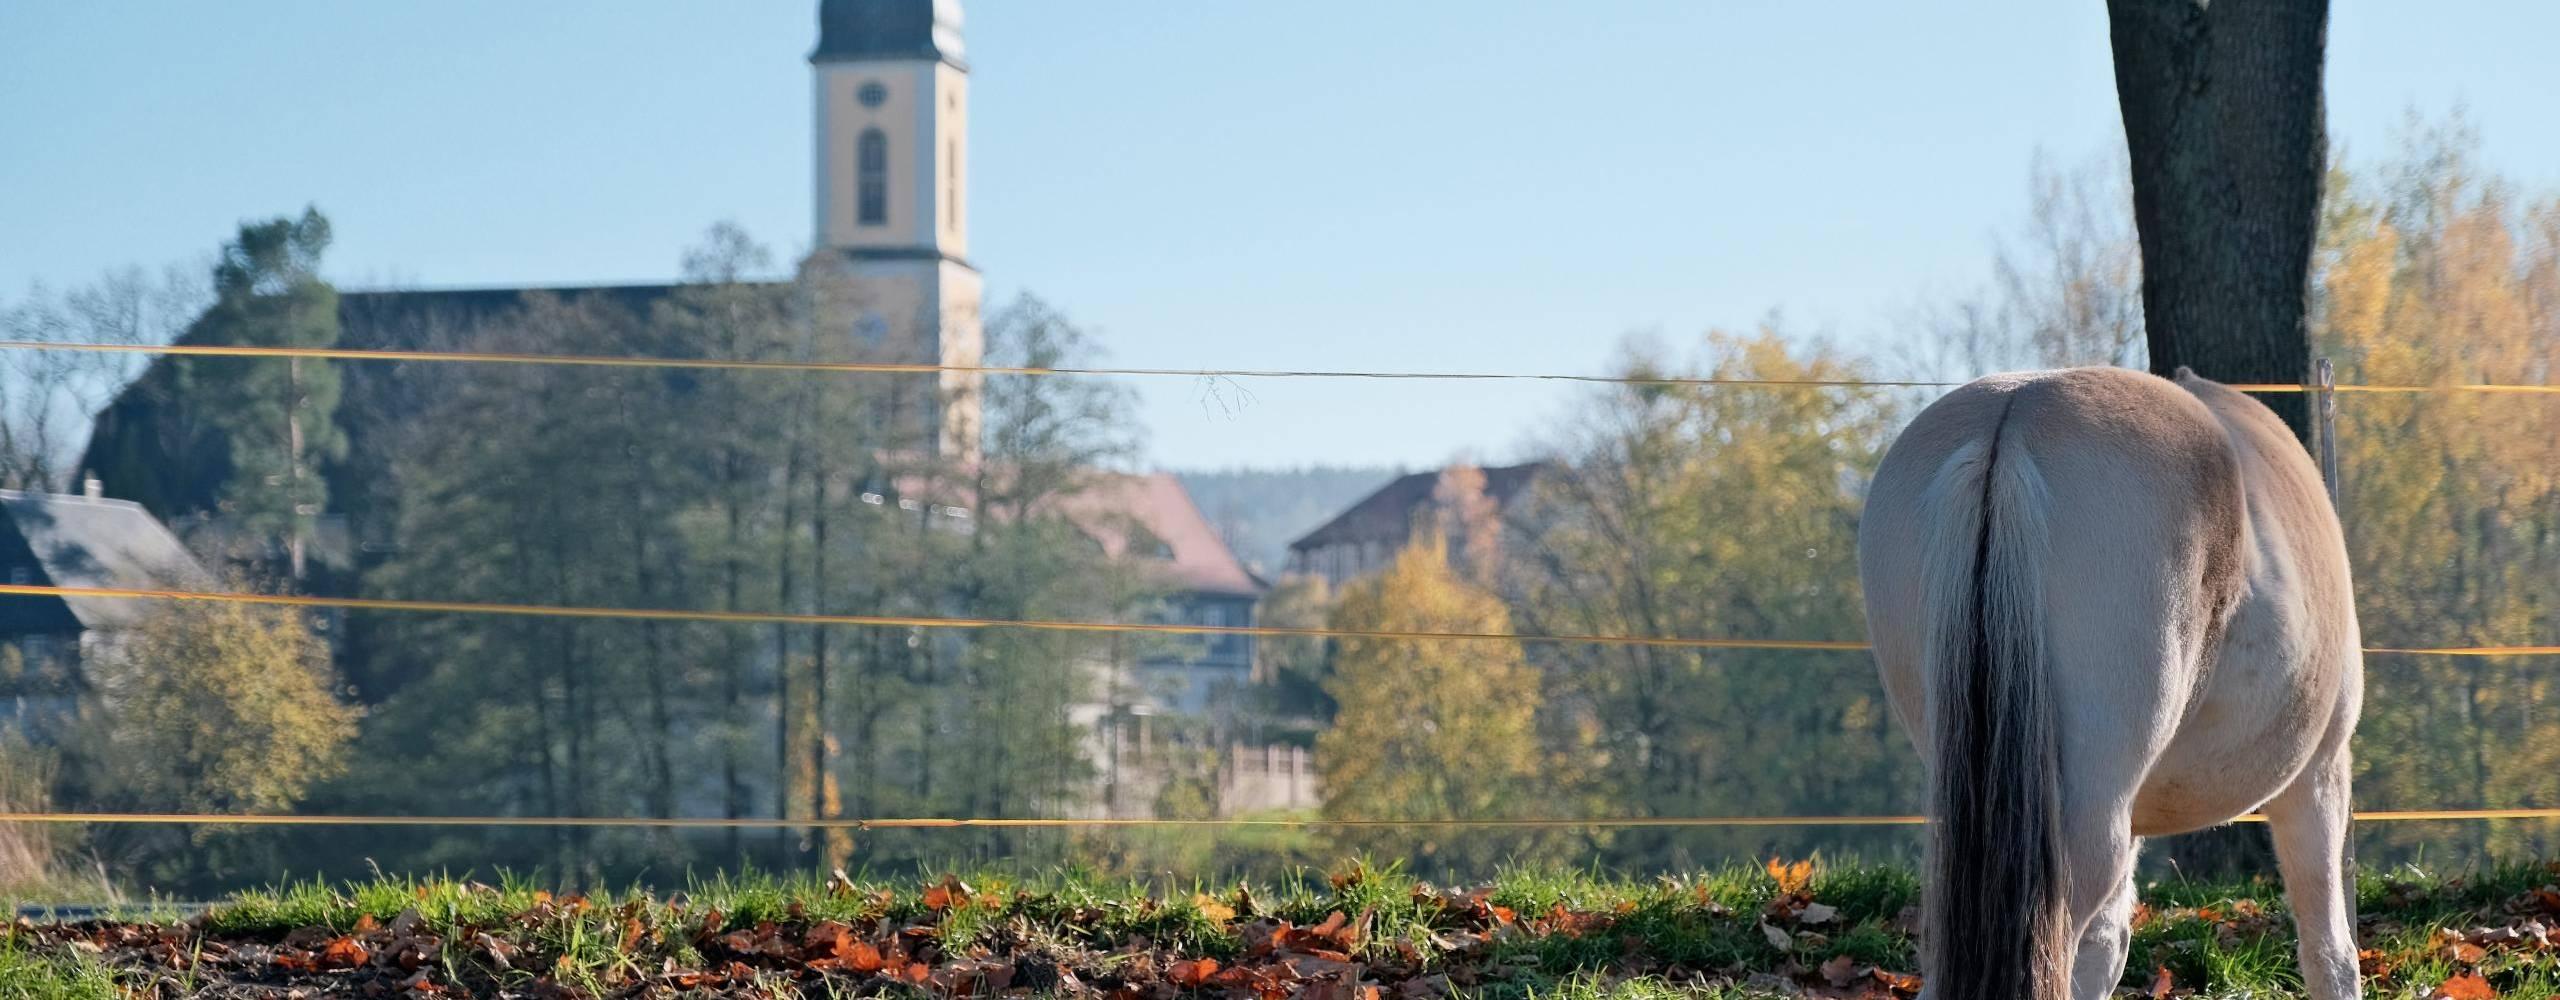 blick von nord aus der gemeinde c. hilse ©Blick auf Kirche Foto: Christian Hilse